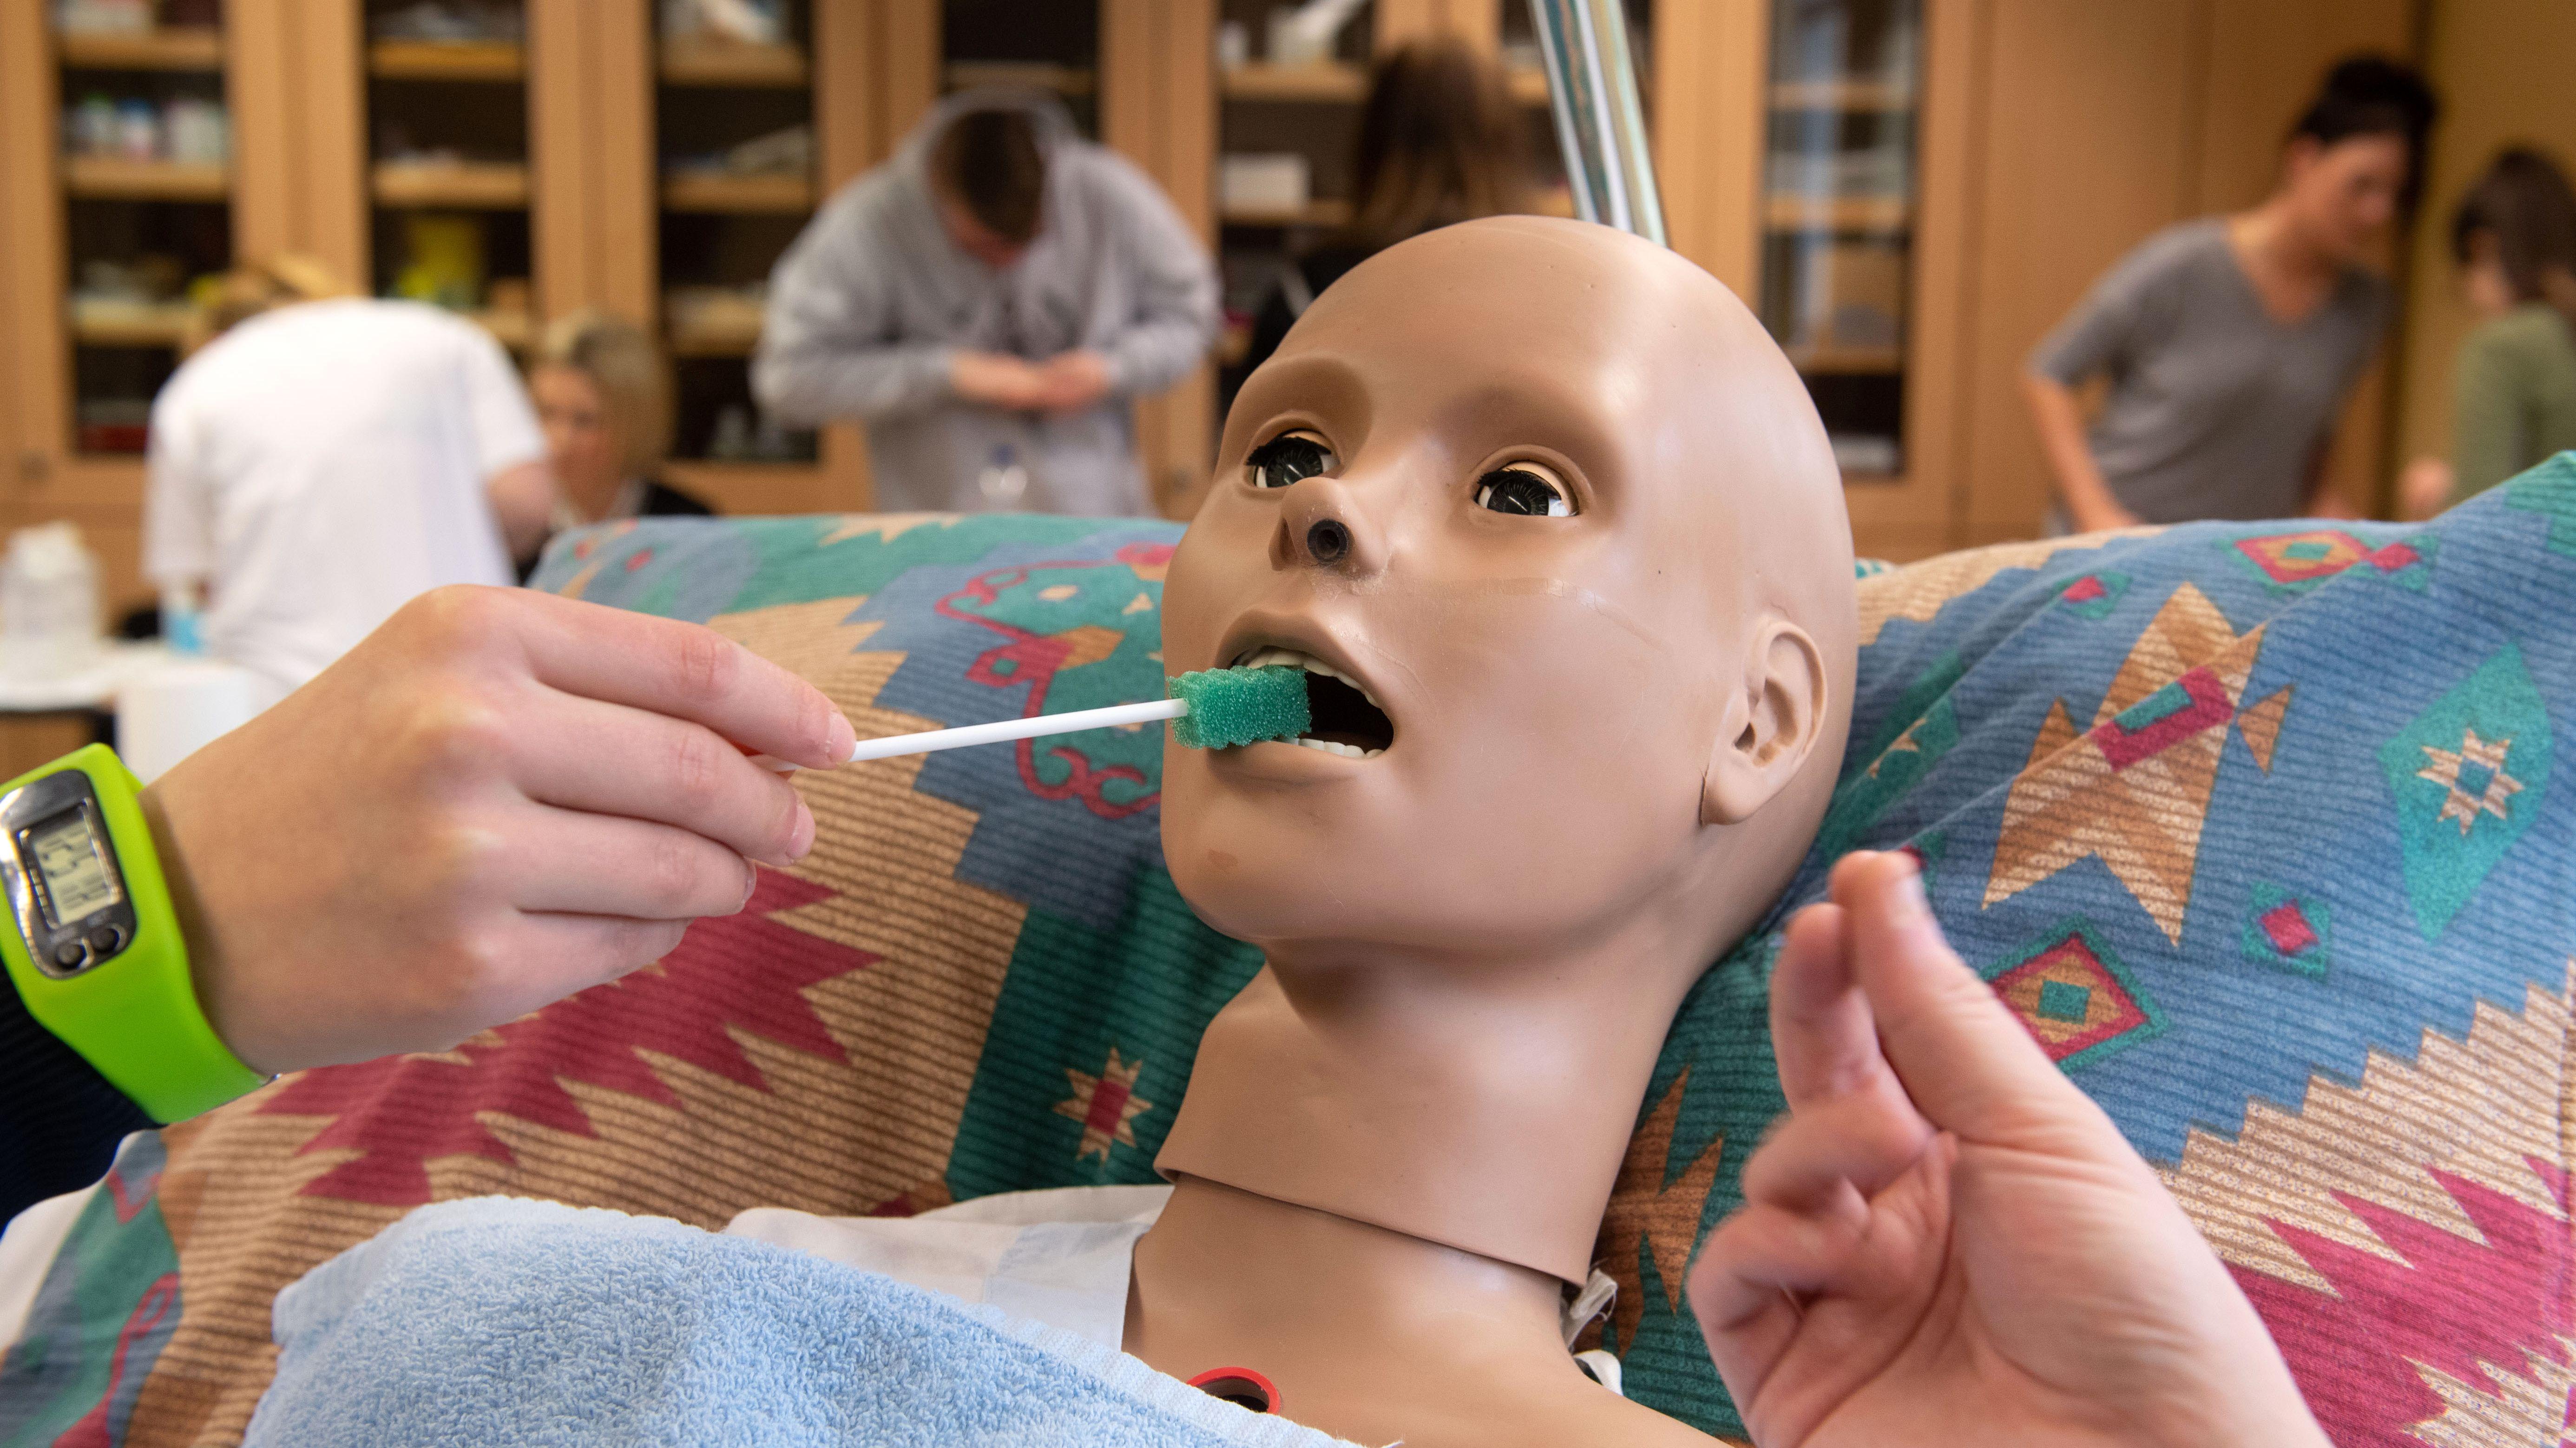 Üben von Handgriffen des pflegerischen Alltags an lebensnah gestalteten menschlichen Attrappen.